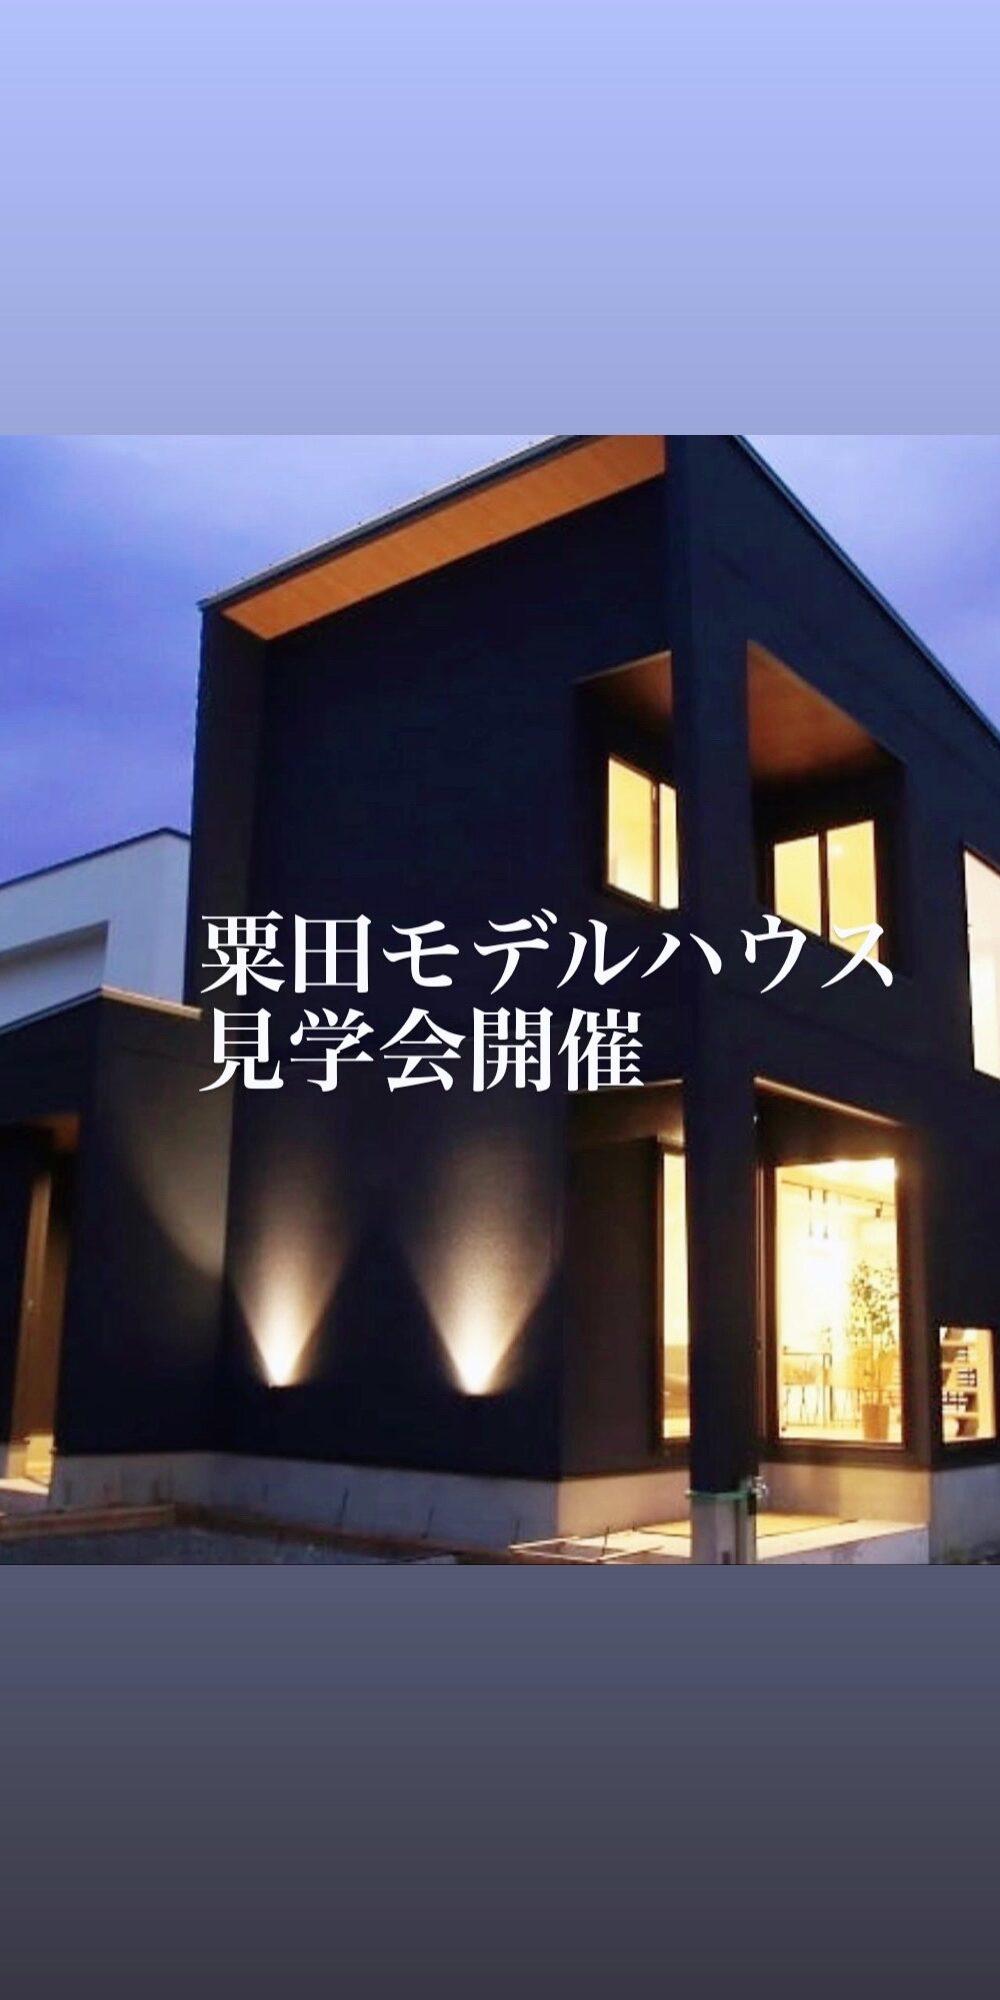 4/17sat,18sun 粟田モデルハウス見学会開催中!【予約制】